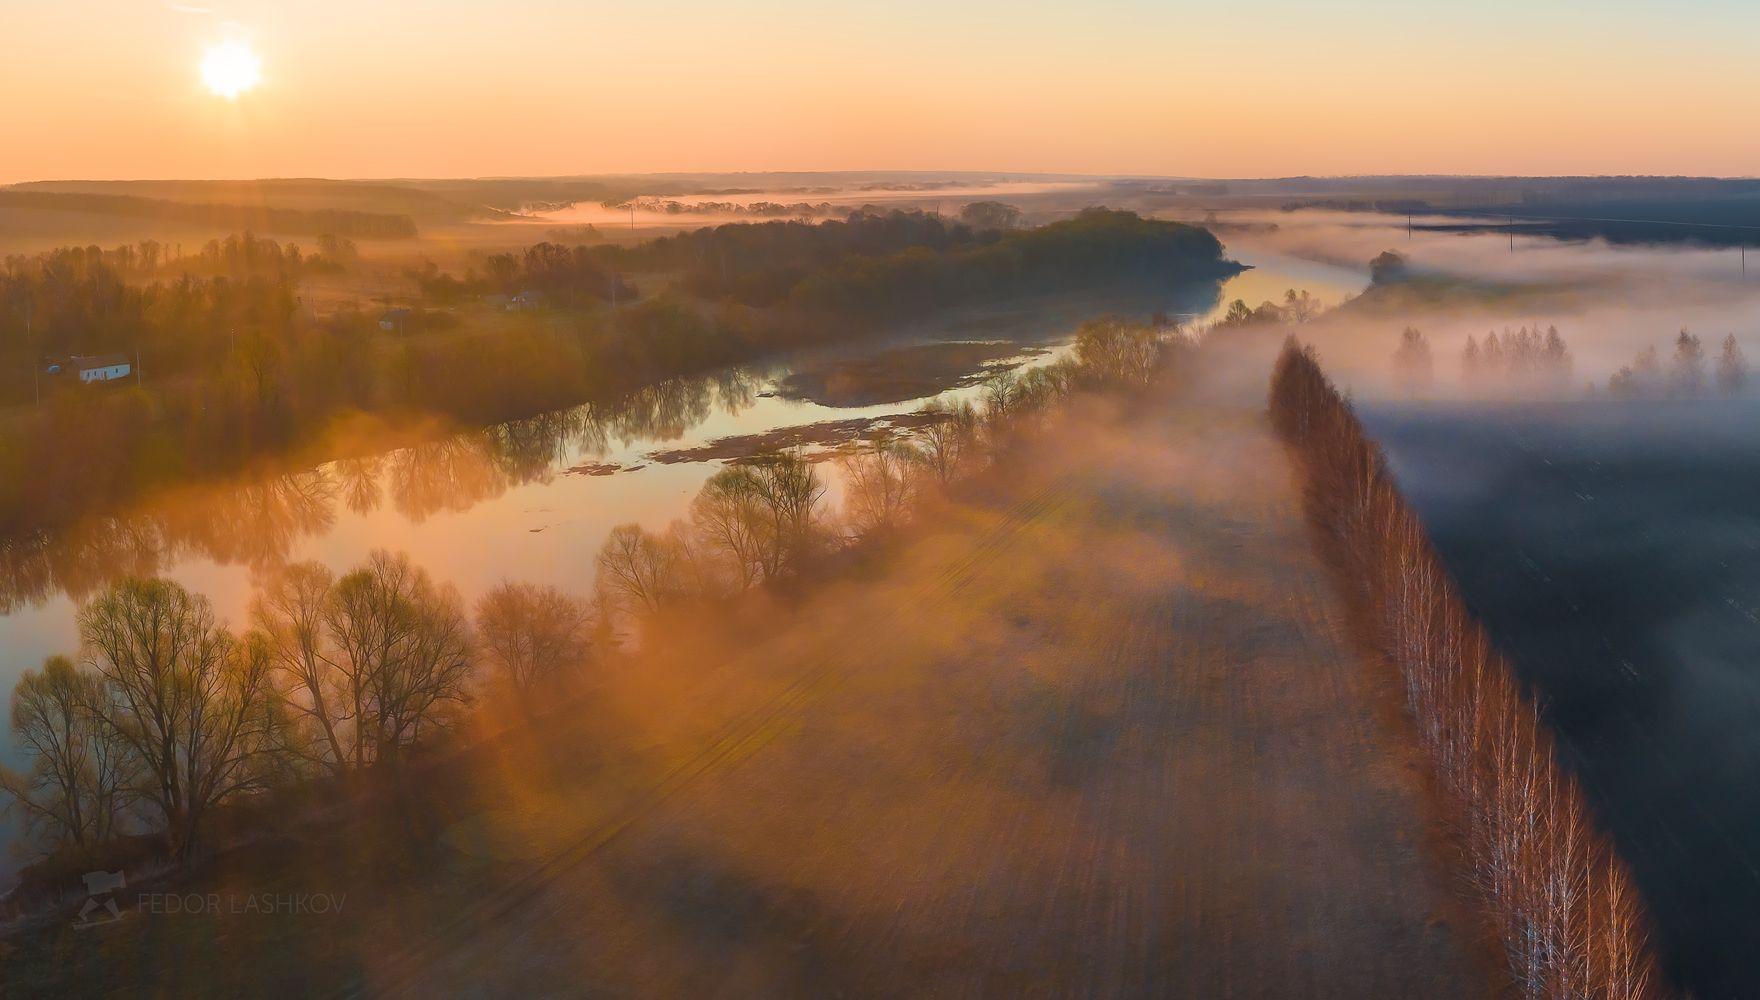 Река Красивая Меча Лебедянский район Липецкая область река Красивая Меча весна апрель туманное квадрокоптер солнце